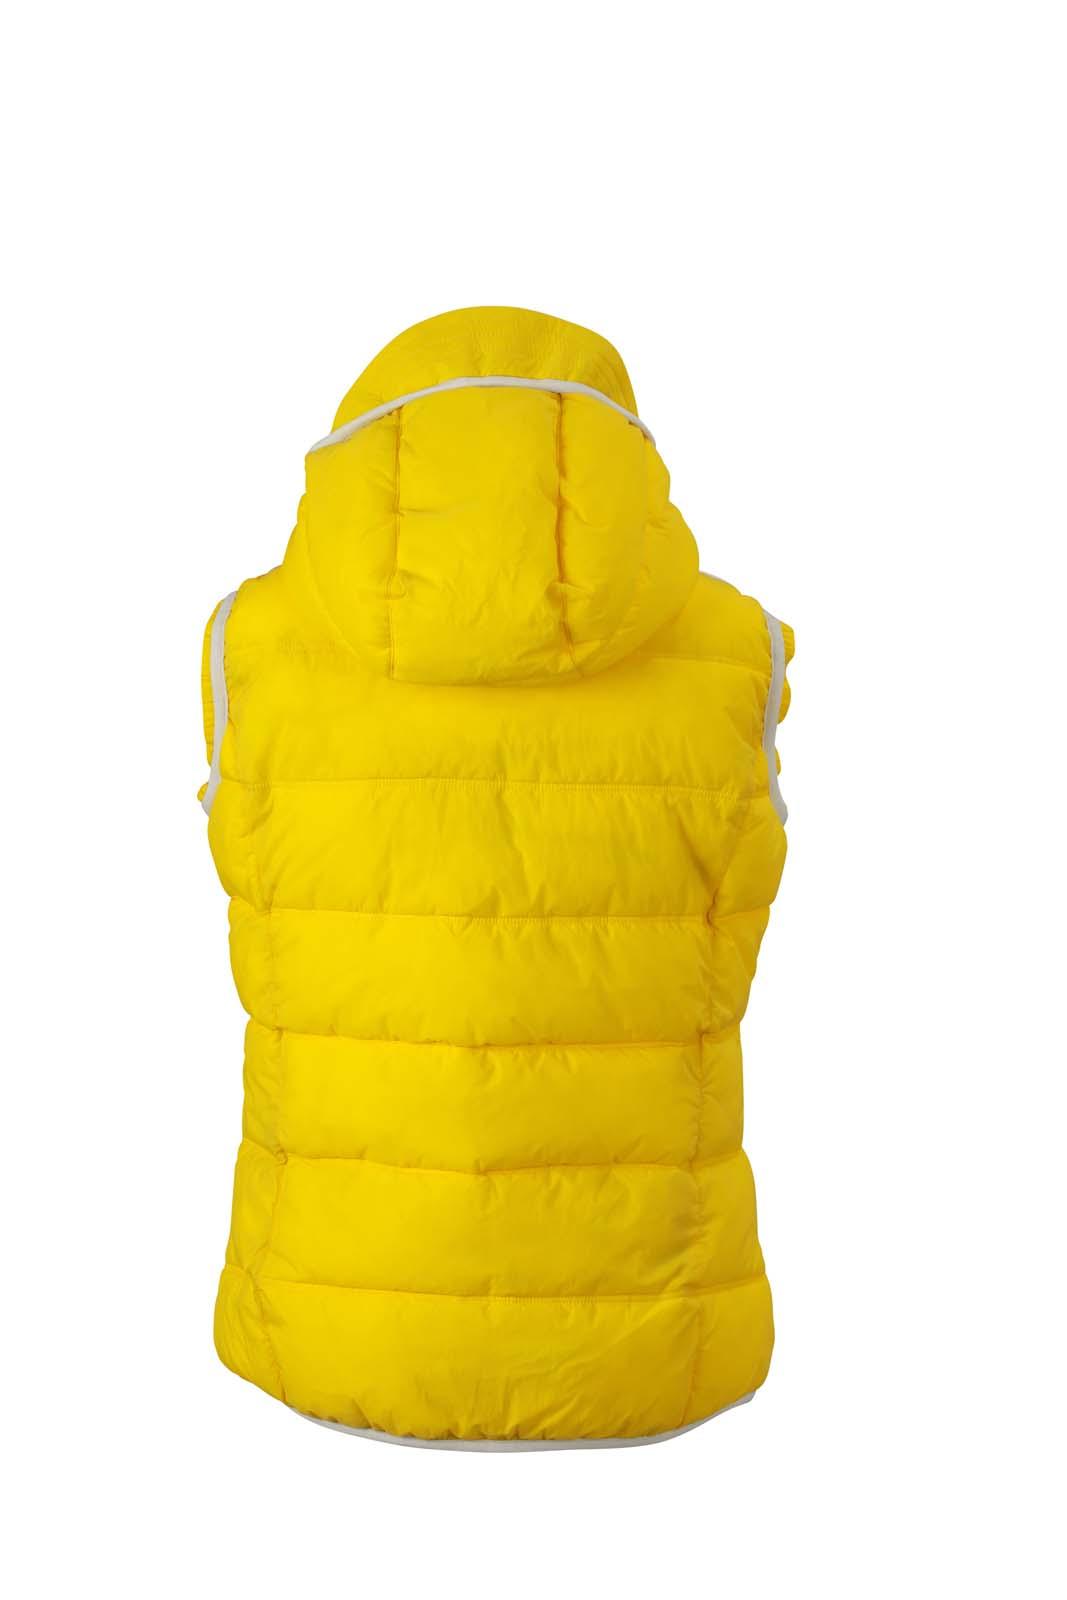 Sun-Yellow/White